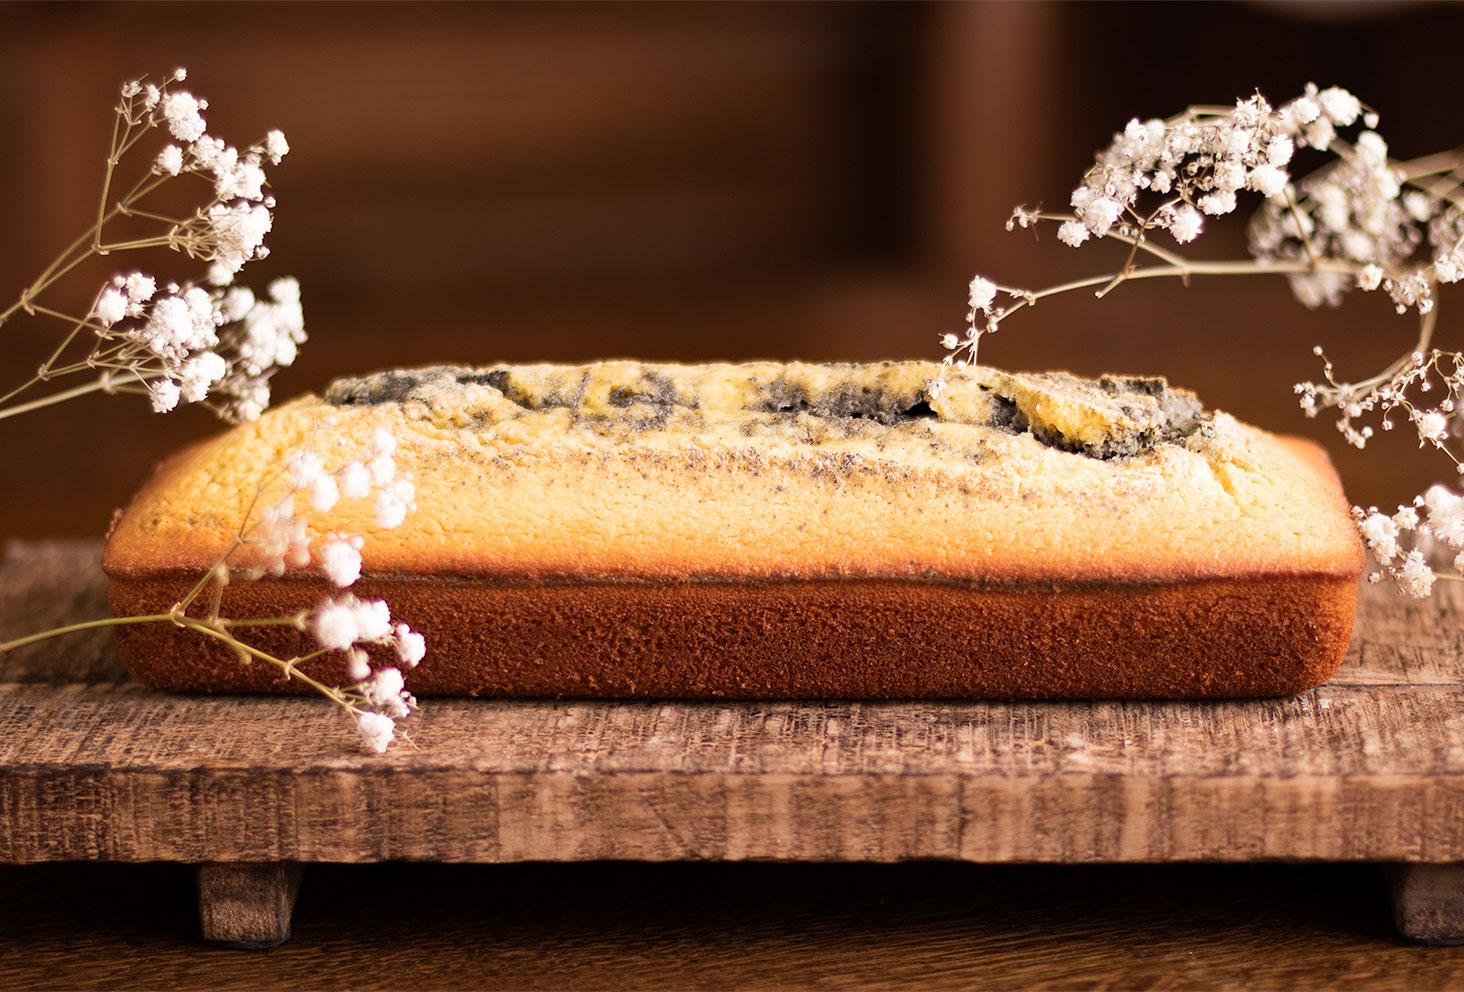 Marbré à l'orange et au sésame noir posé sur une planche en bois au milieu de gypsophiles blanches